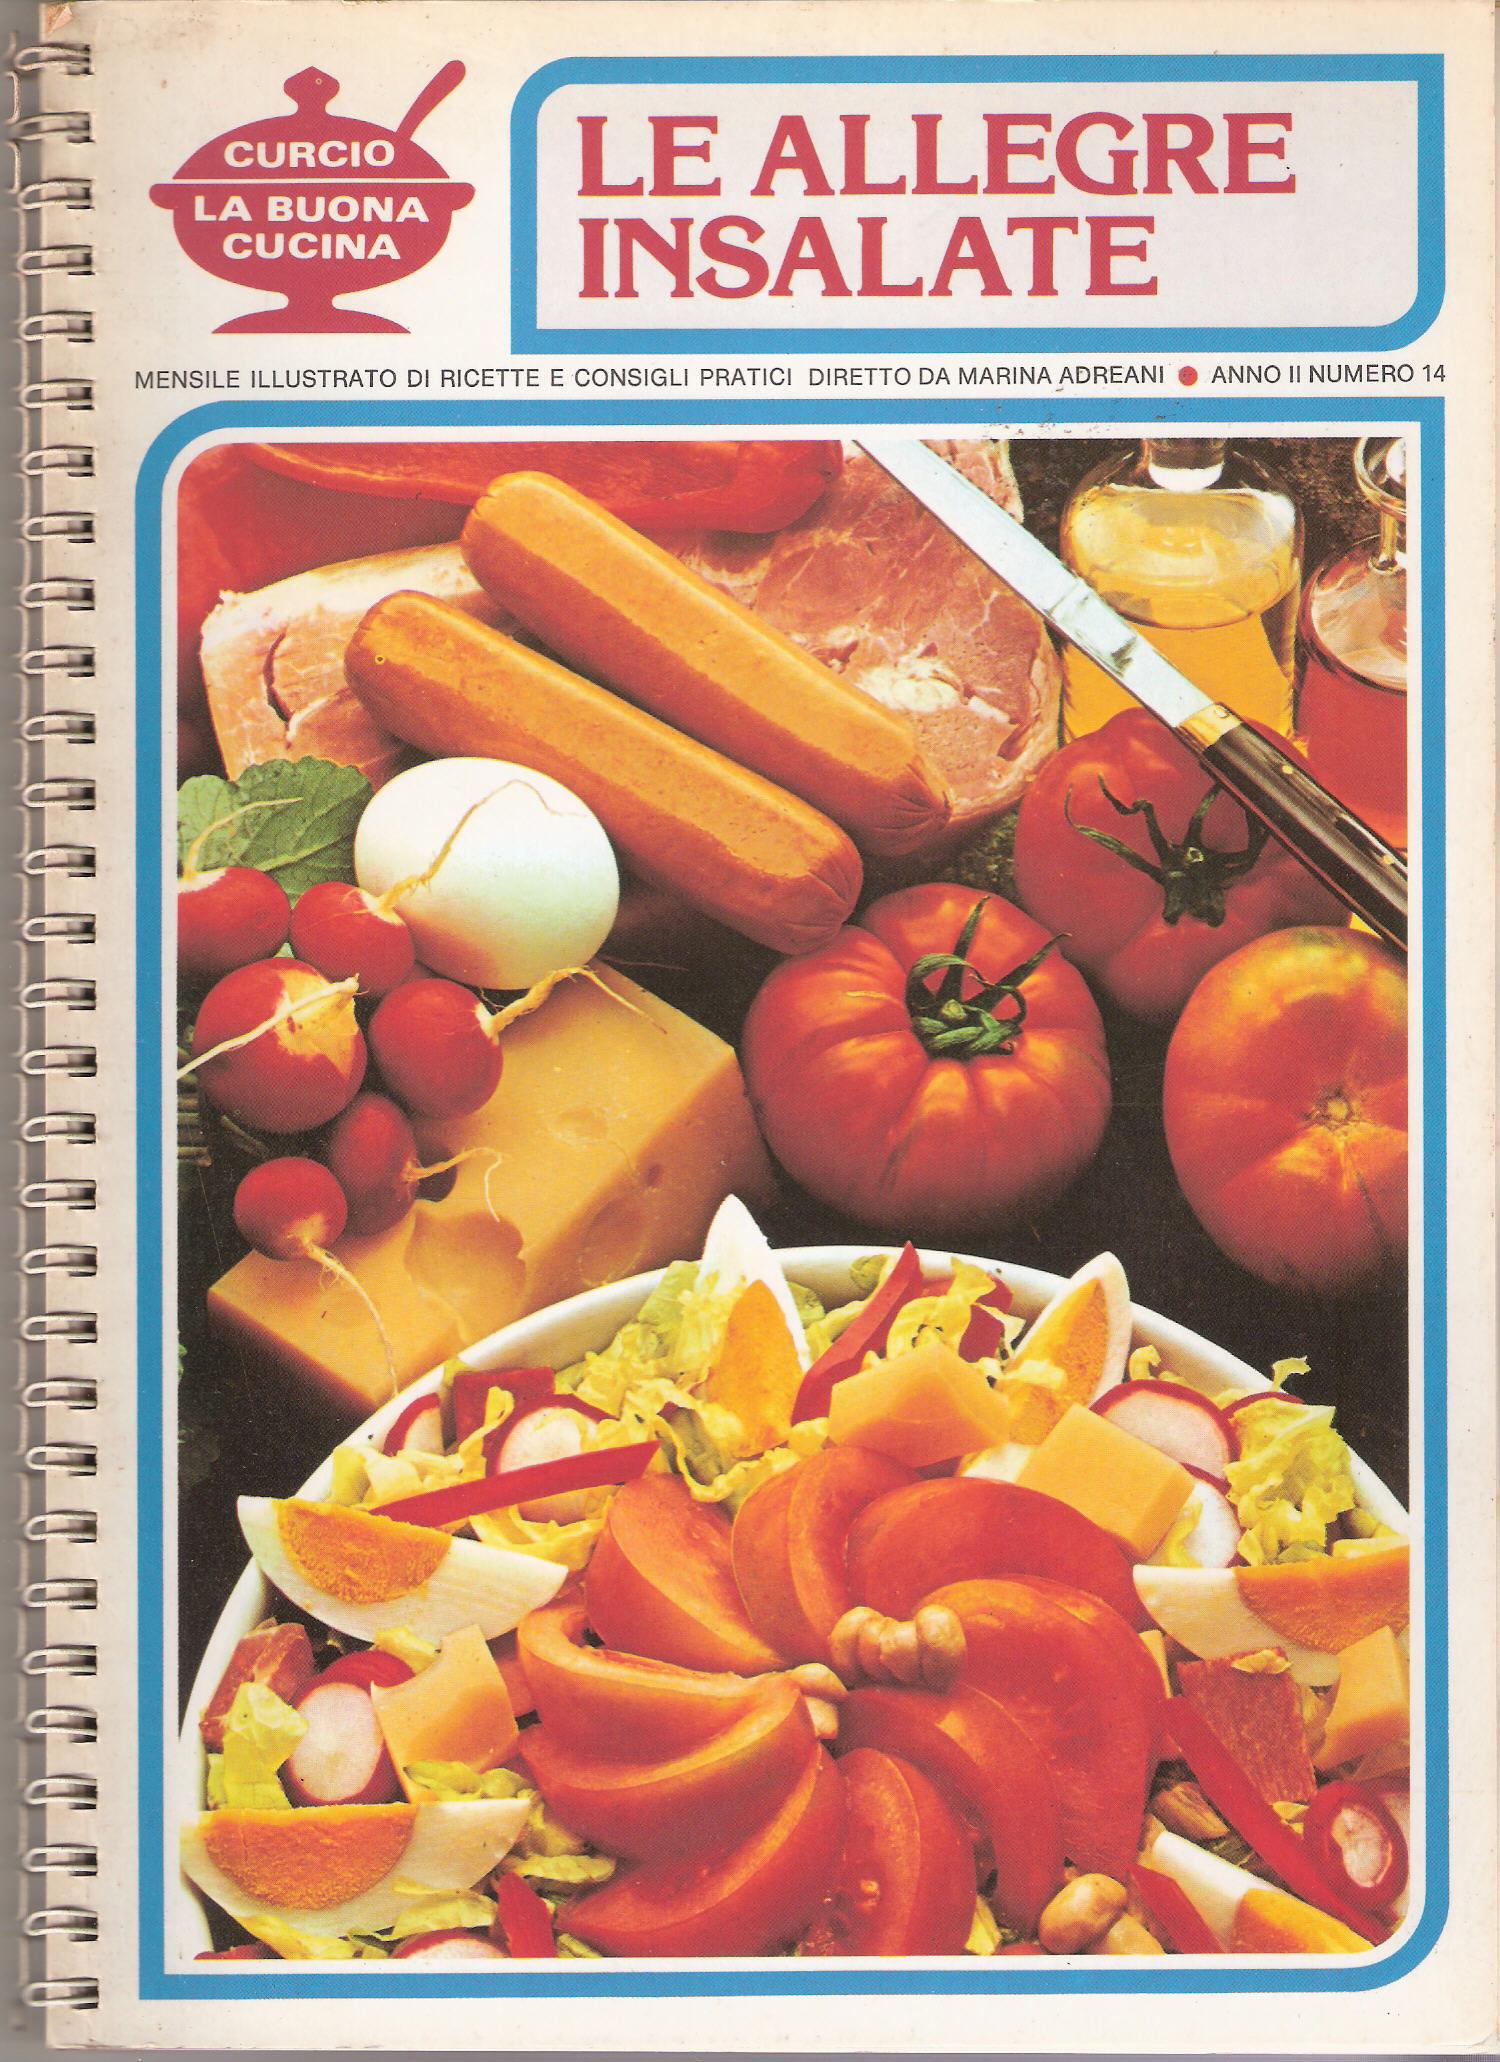 Le allegre insalate